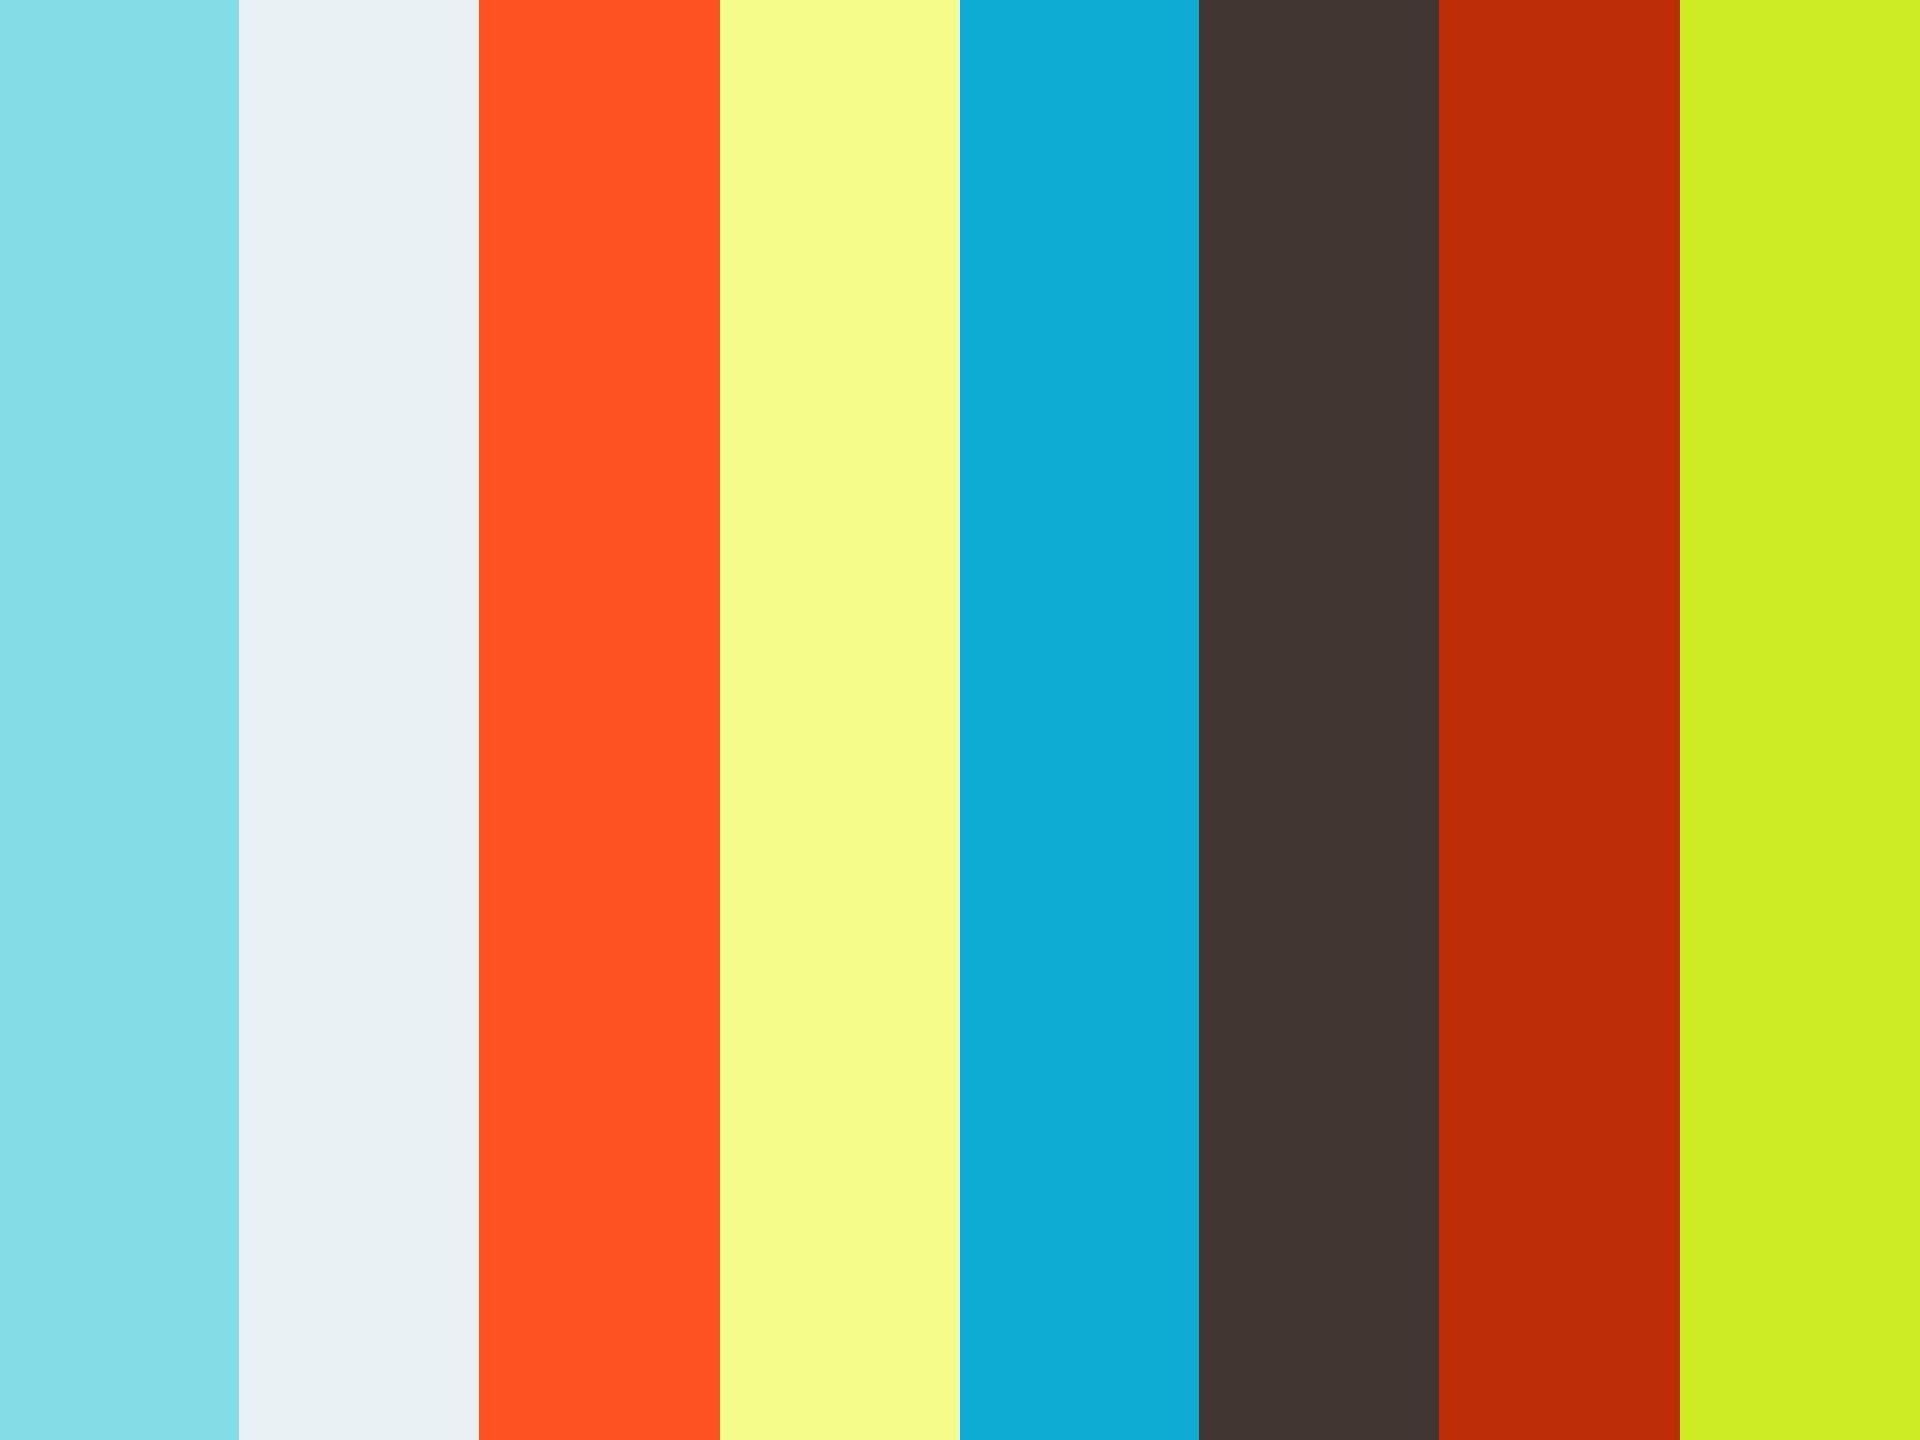 diagrama de despliegue editado [ 1920 x 1080 Pixel ]